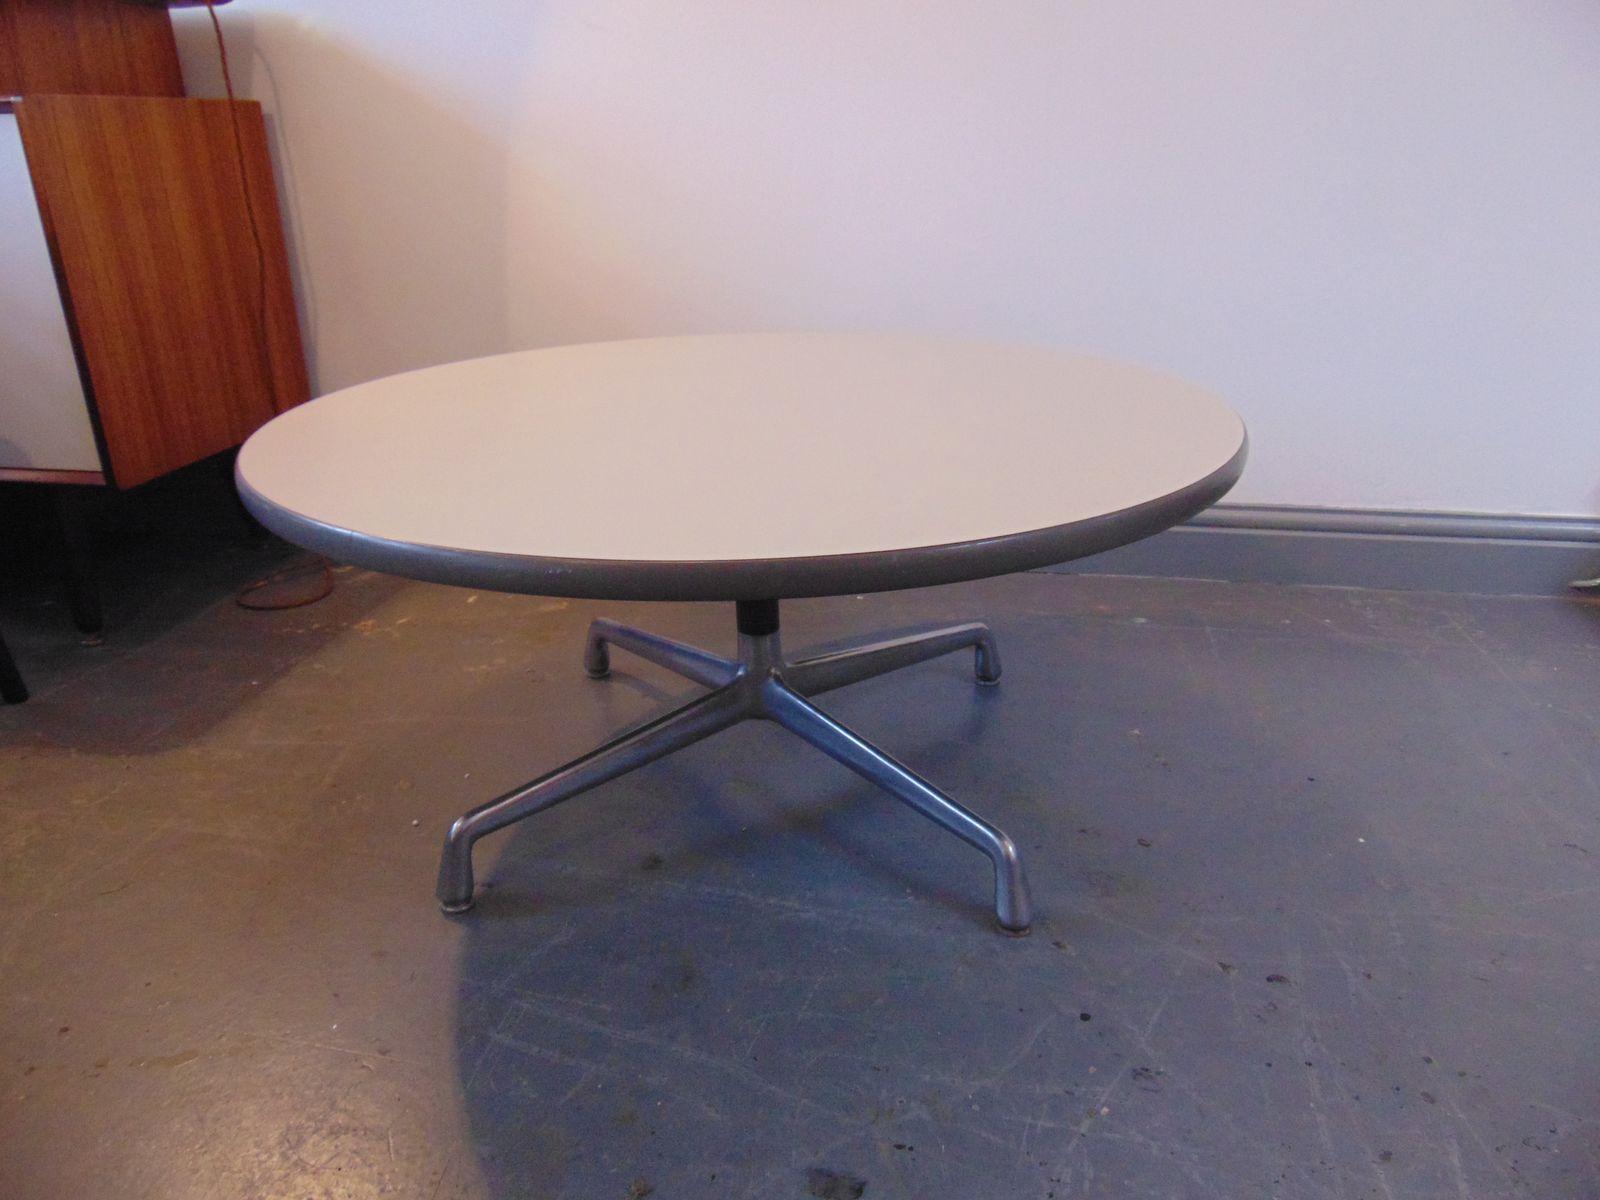 table basse circulaire par charles eames pour herman miller en vente sur pamono. Black Bedroom Furniture Sets. Home Design Ideas